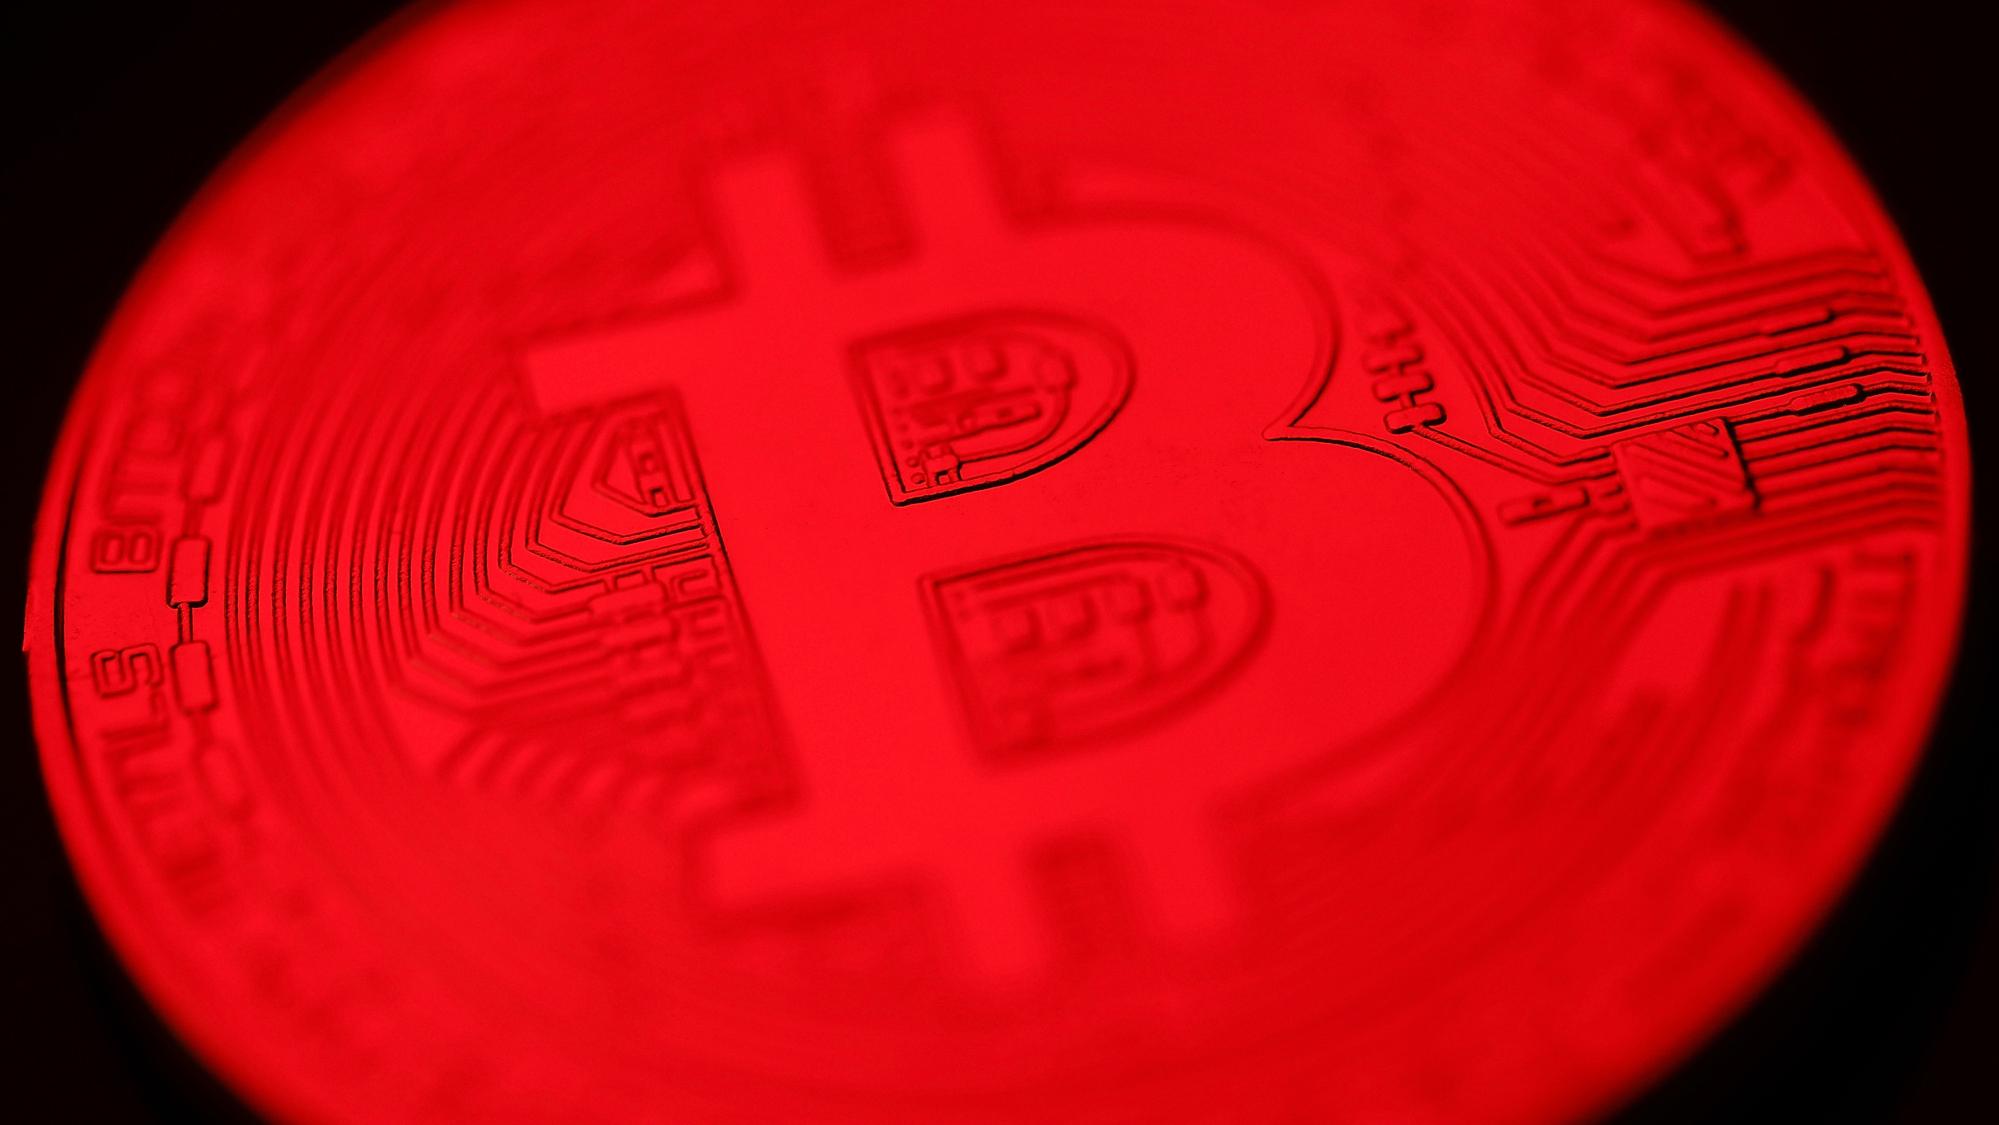 Bitcoin halving may 2020 The Cryptonomist - Tutto dal mondo blockchain